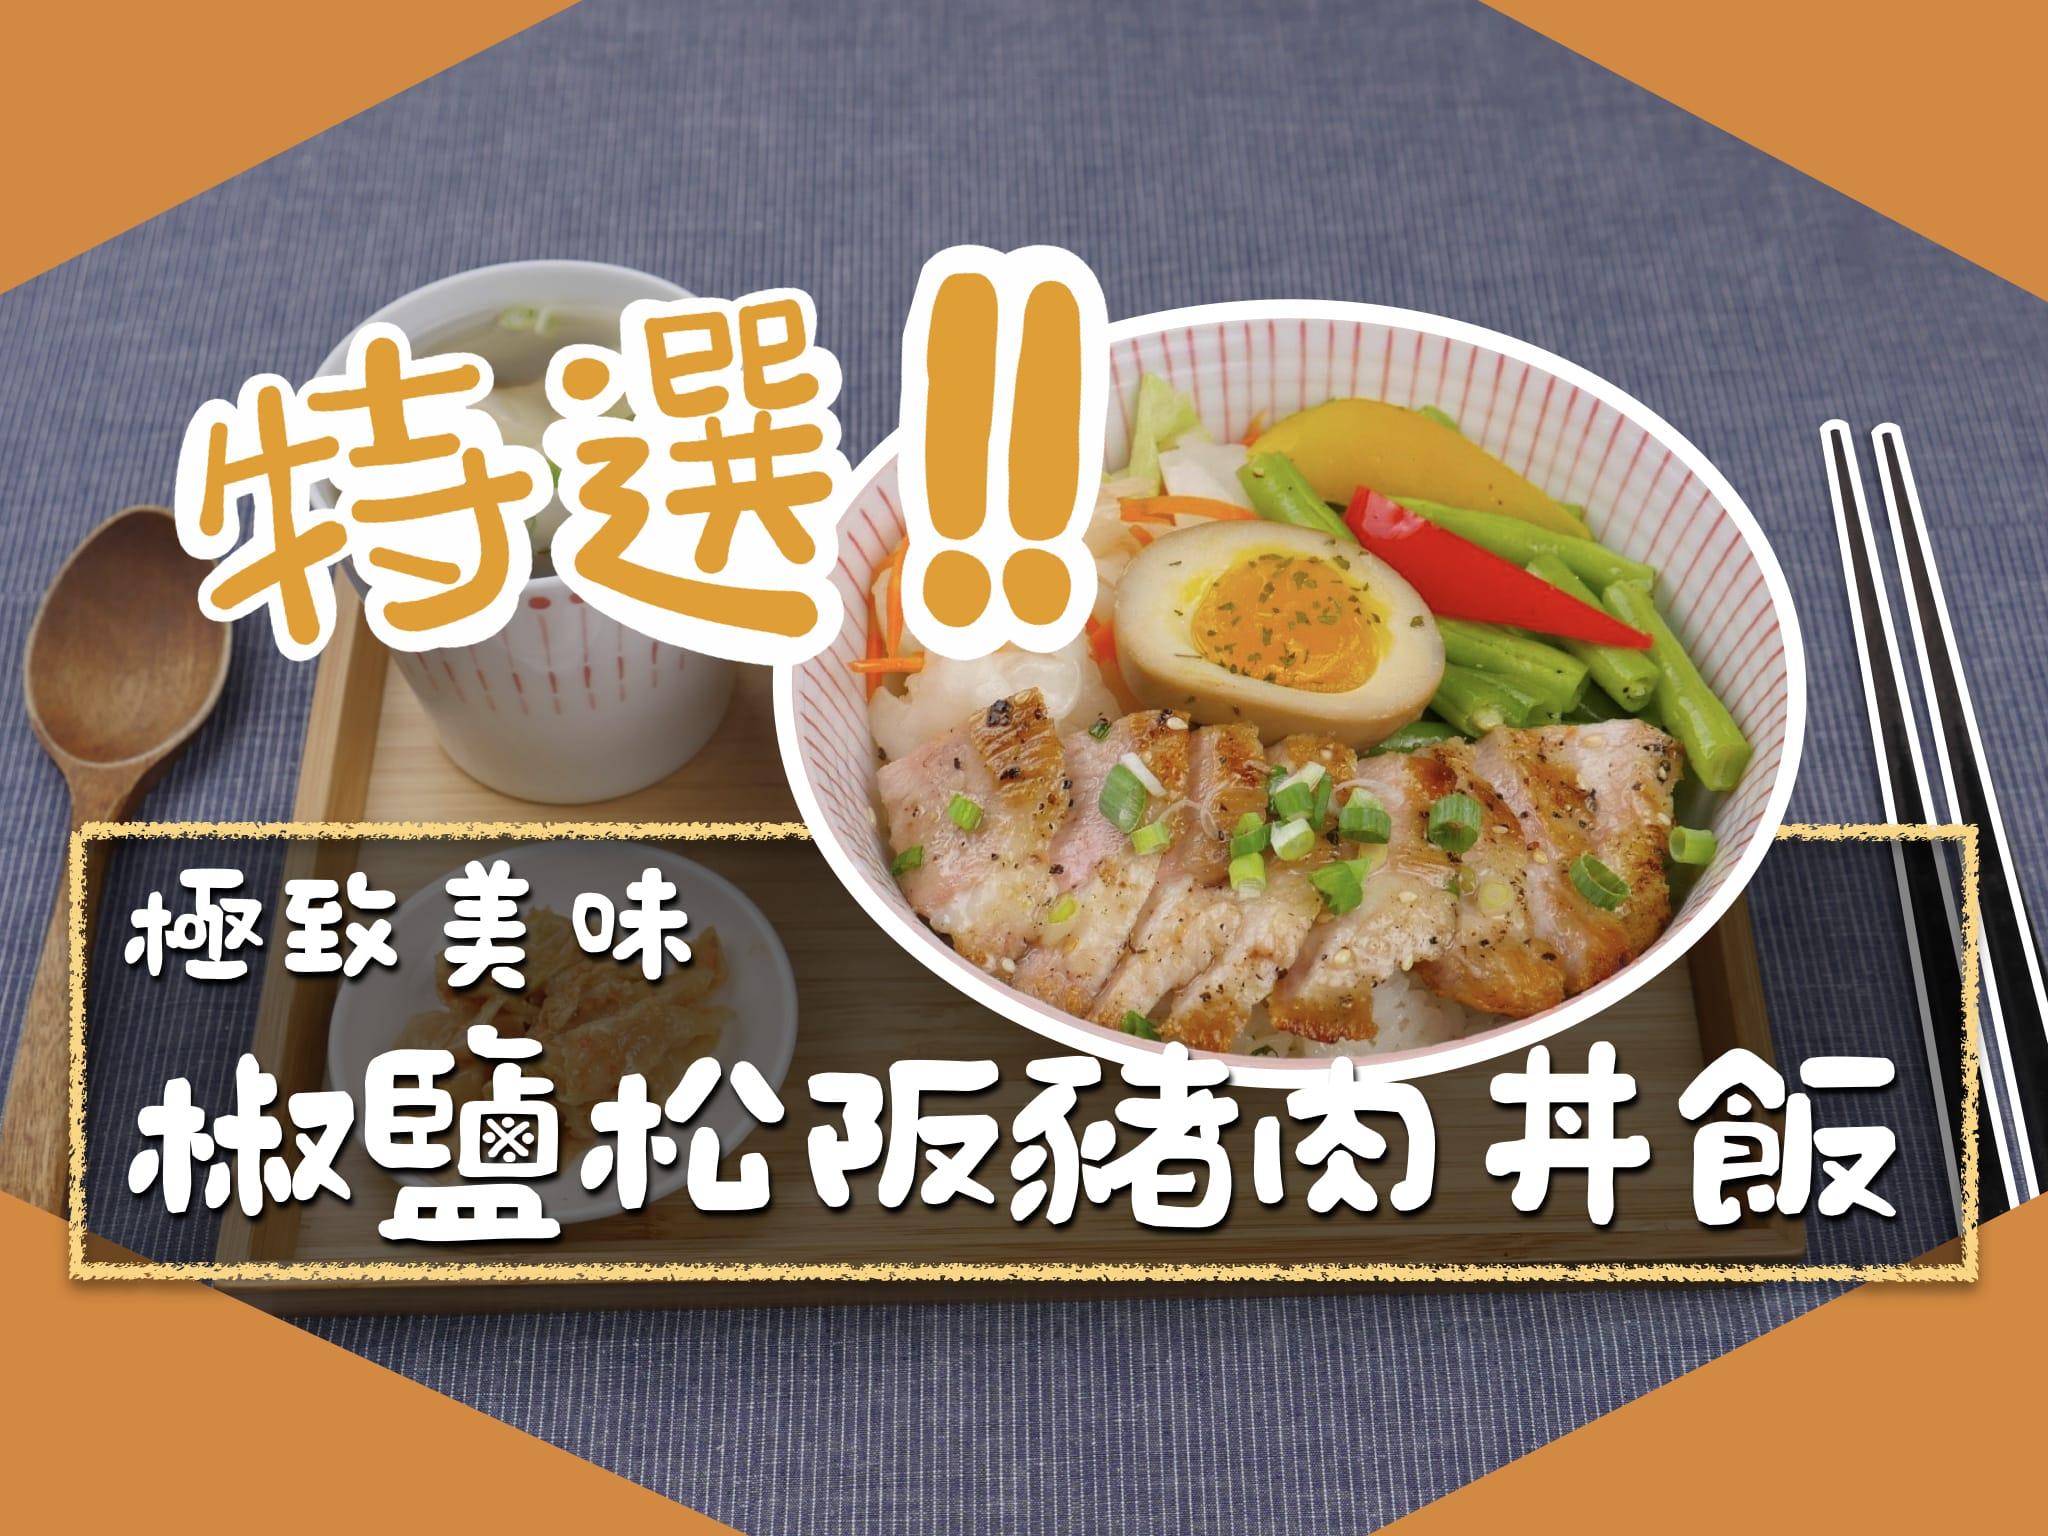 禾火餐點|椒鹽松阪豬肉丼飯,特選部位的極致美味